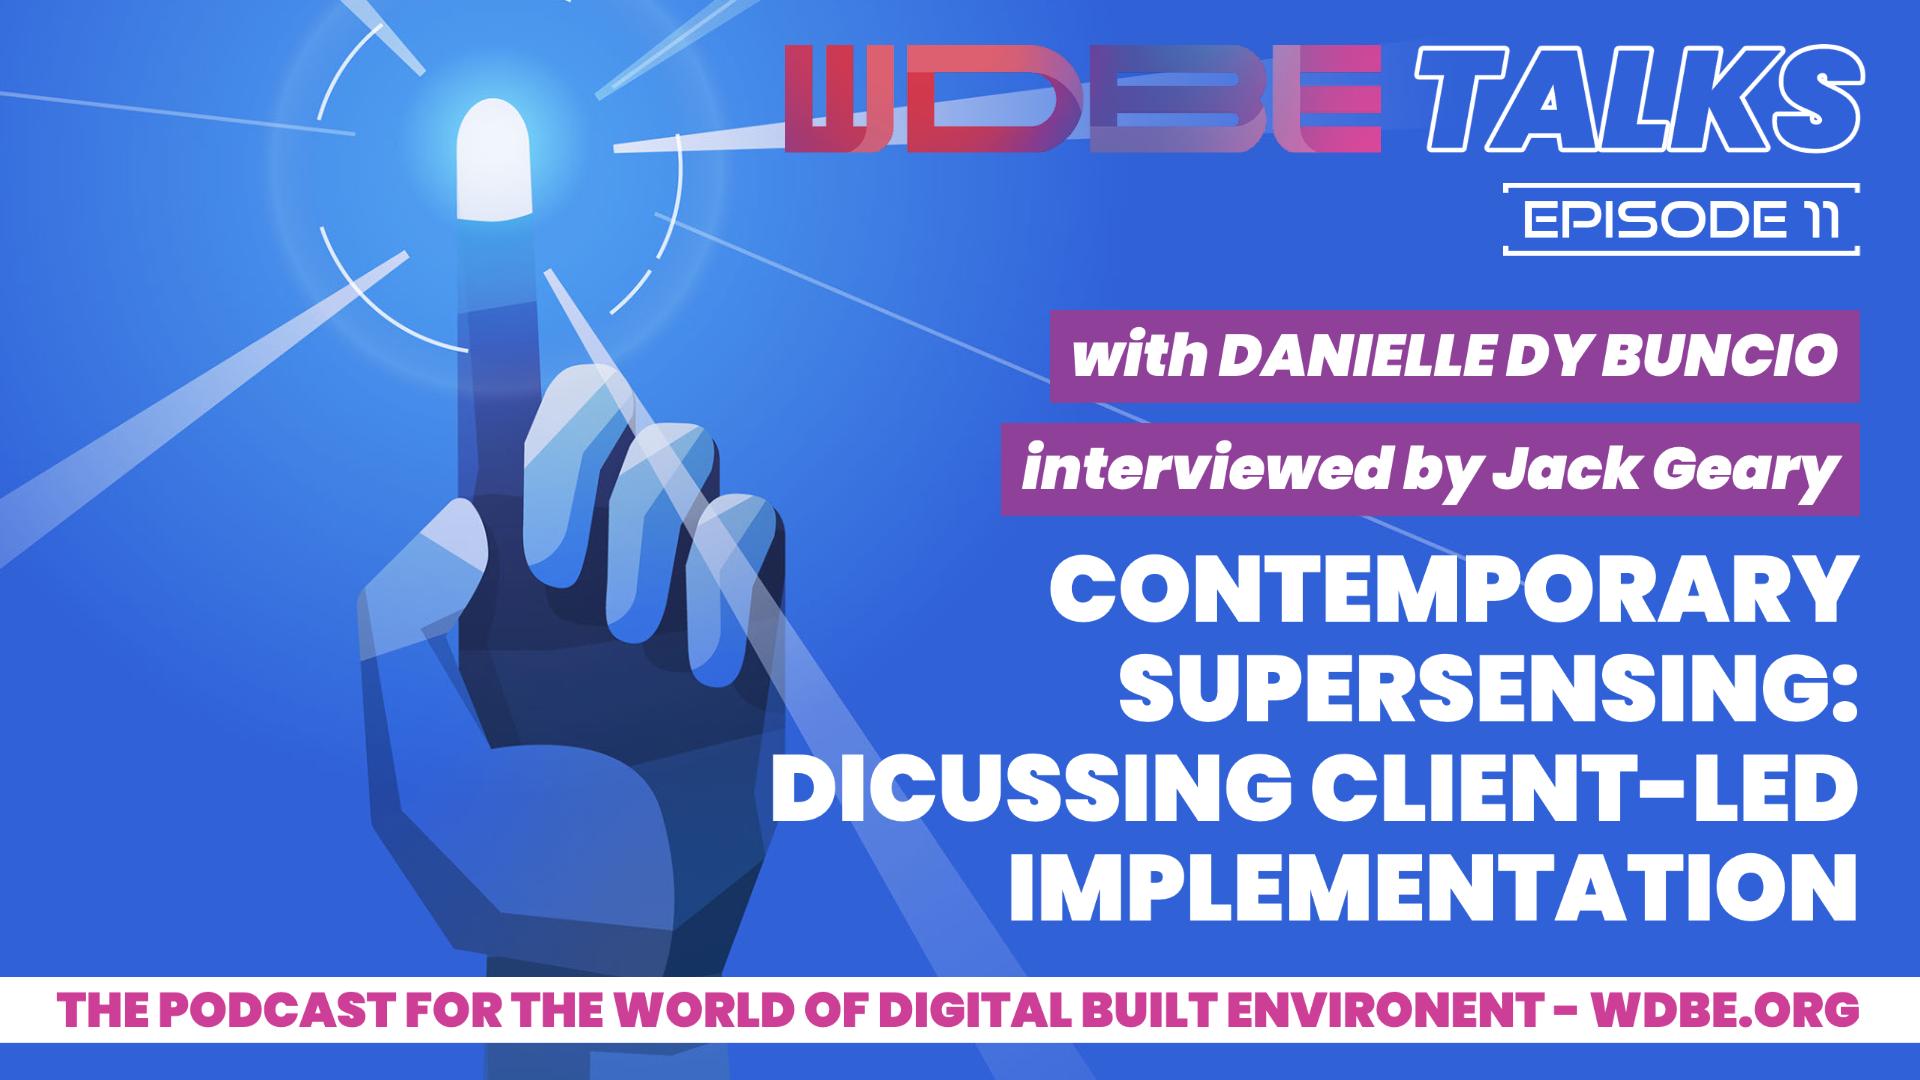 WDBE Talks Danielle Dy Buncio